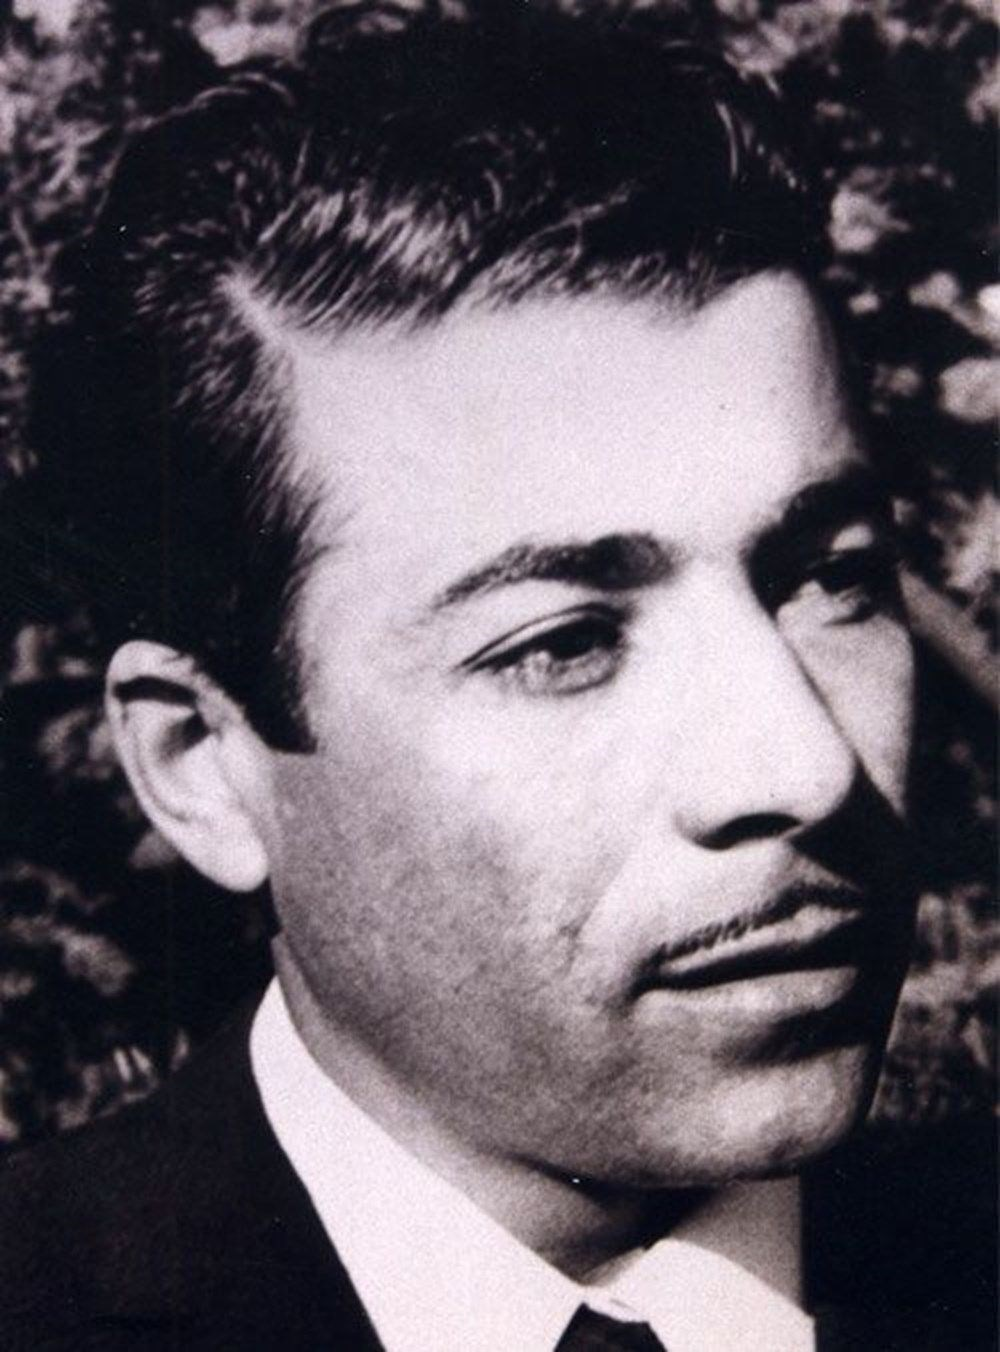 Türkülerin Babası: Neşet Ertaş - 9